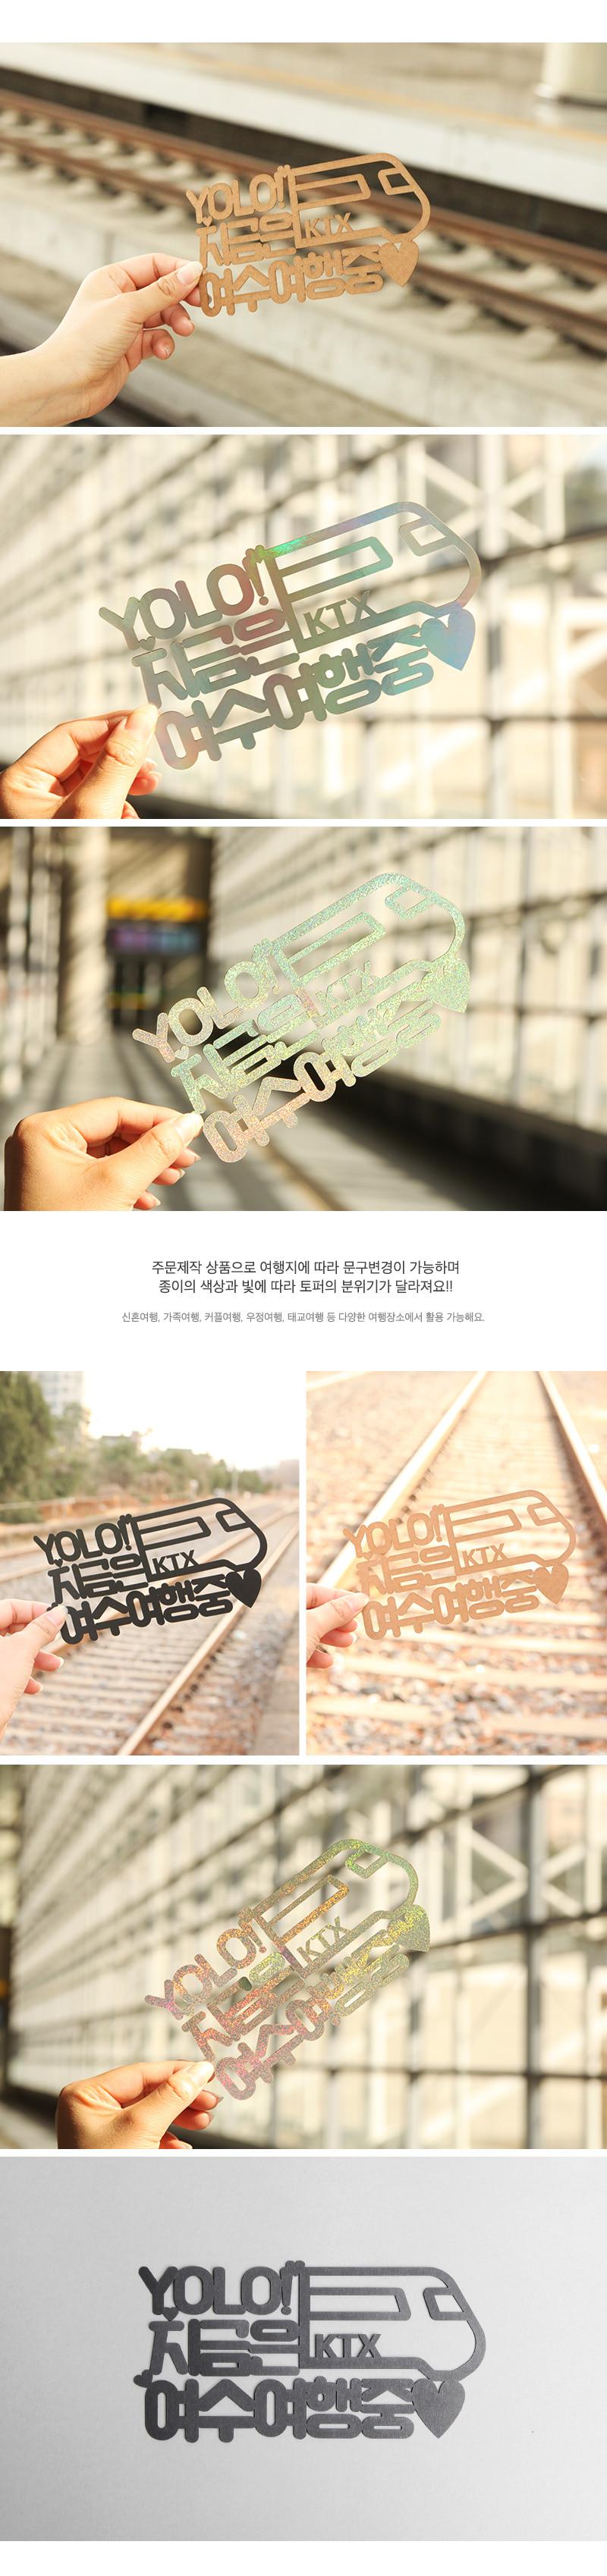 (주문제작) 페이퍼 여행 토퍼 - KTX - 파티해, 5,500원, 파티용품, 가랜드/배너/현수막